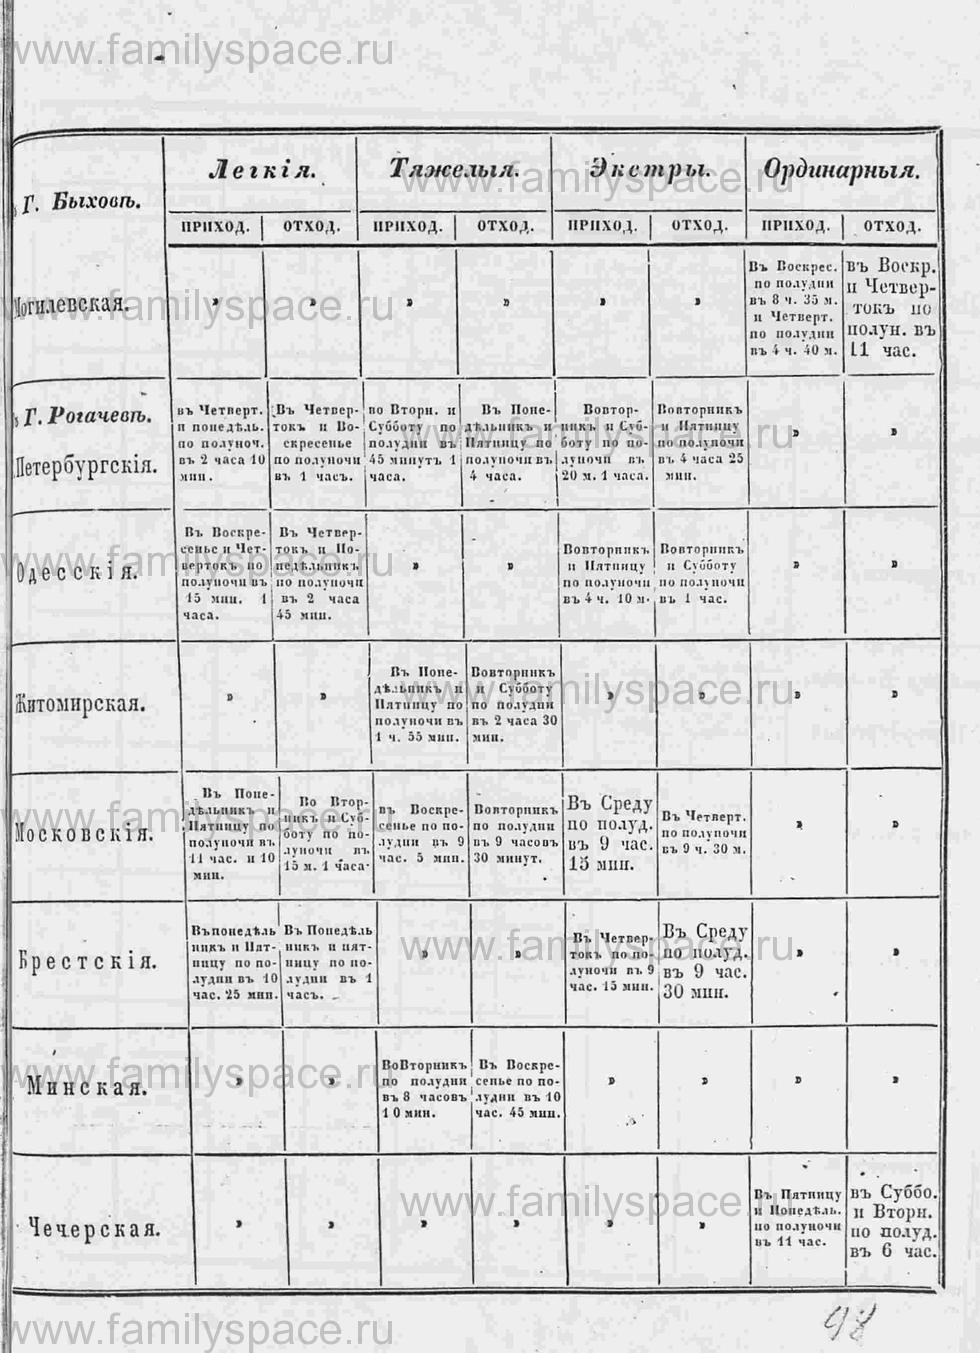 Поиск по фамилии - Памятная книга за 1853 год по Могилёвской губернии, страница 117